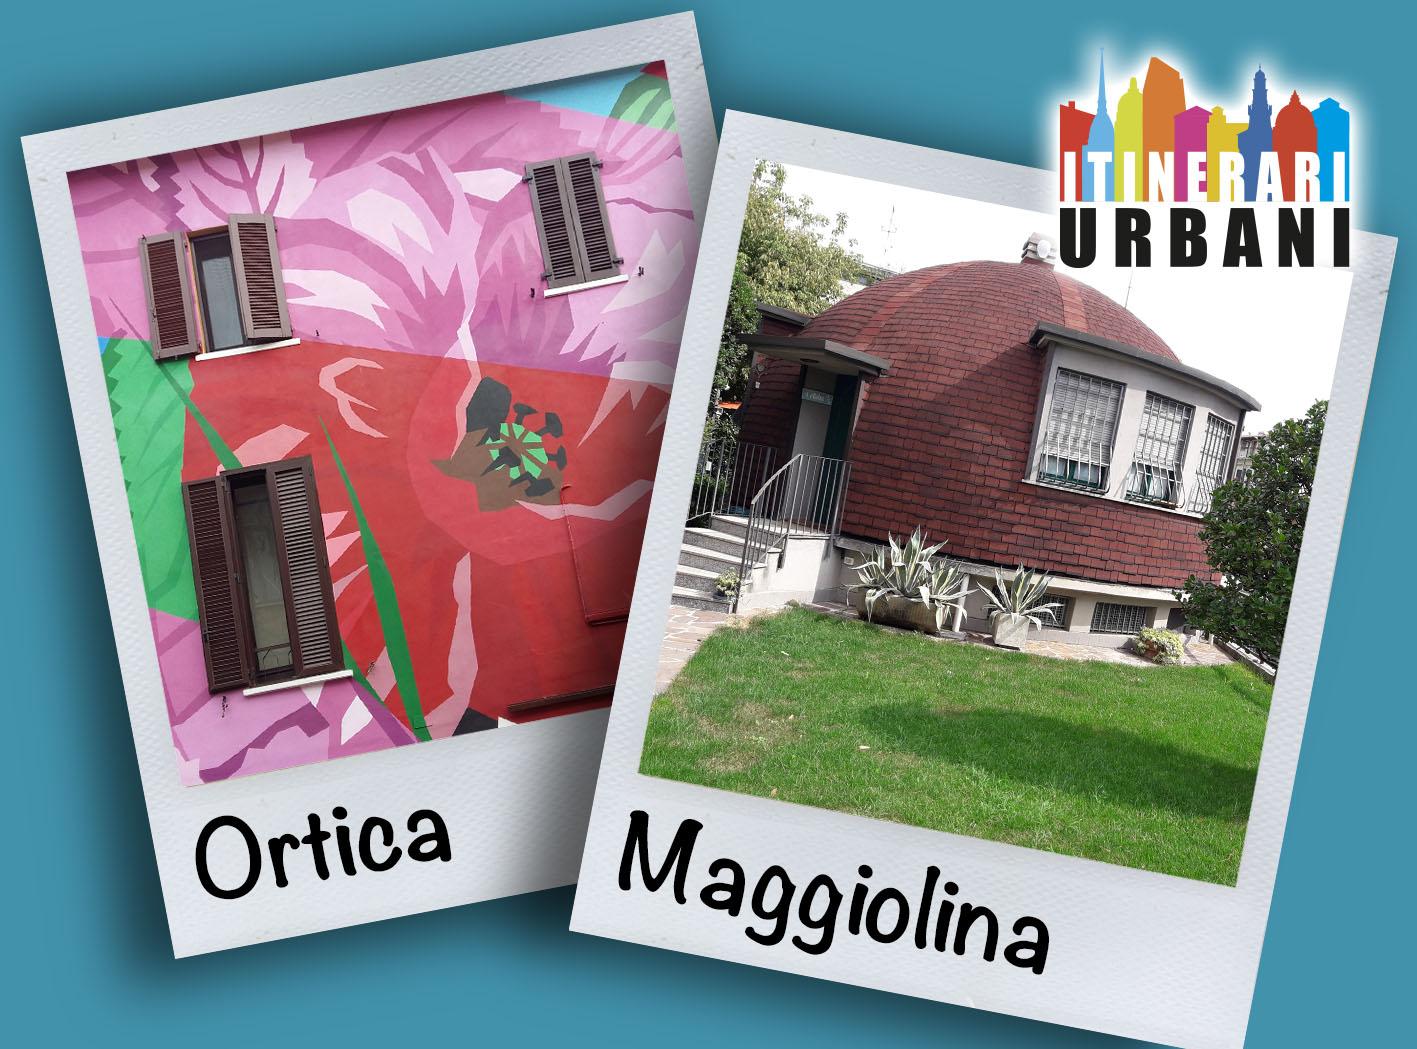 Milano | Itinerari Urbani: Ortica e Maggiolina